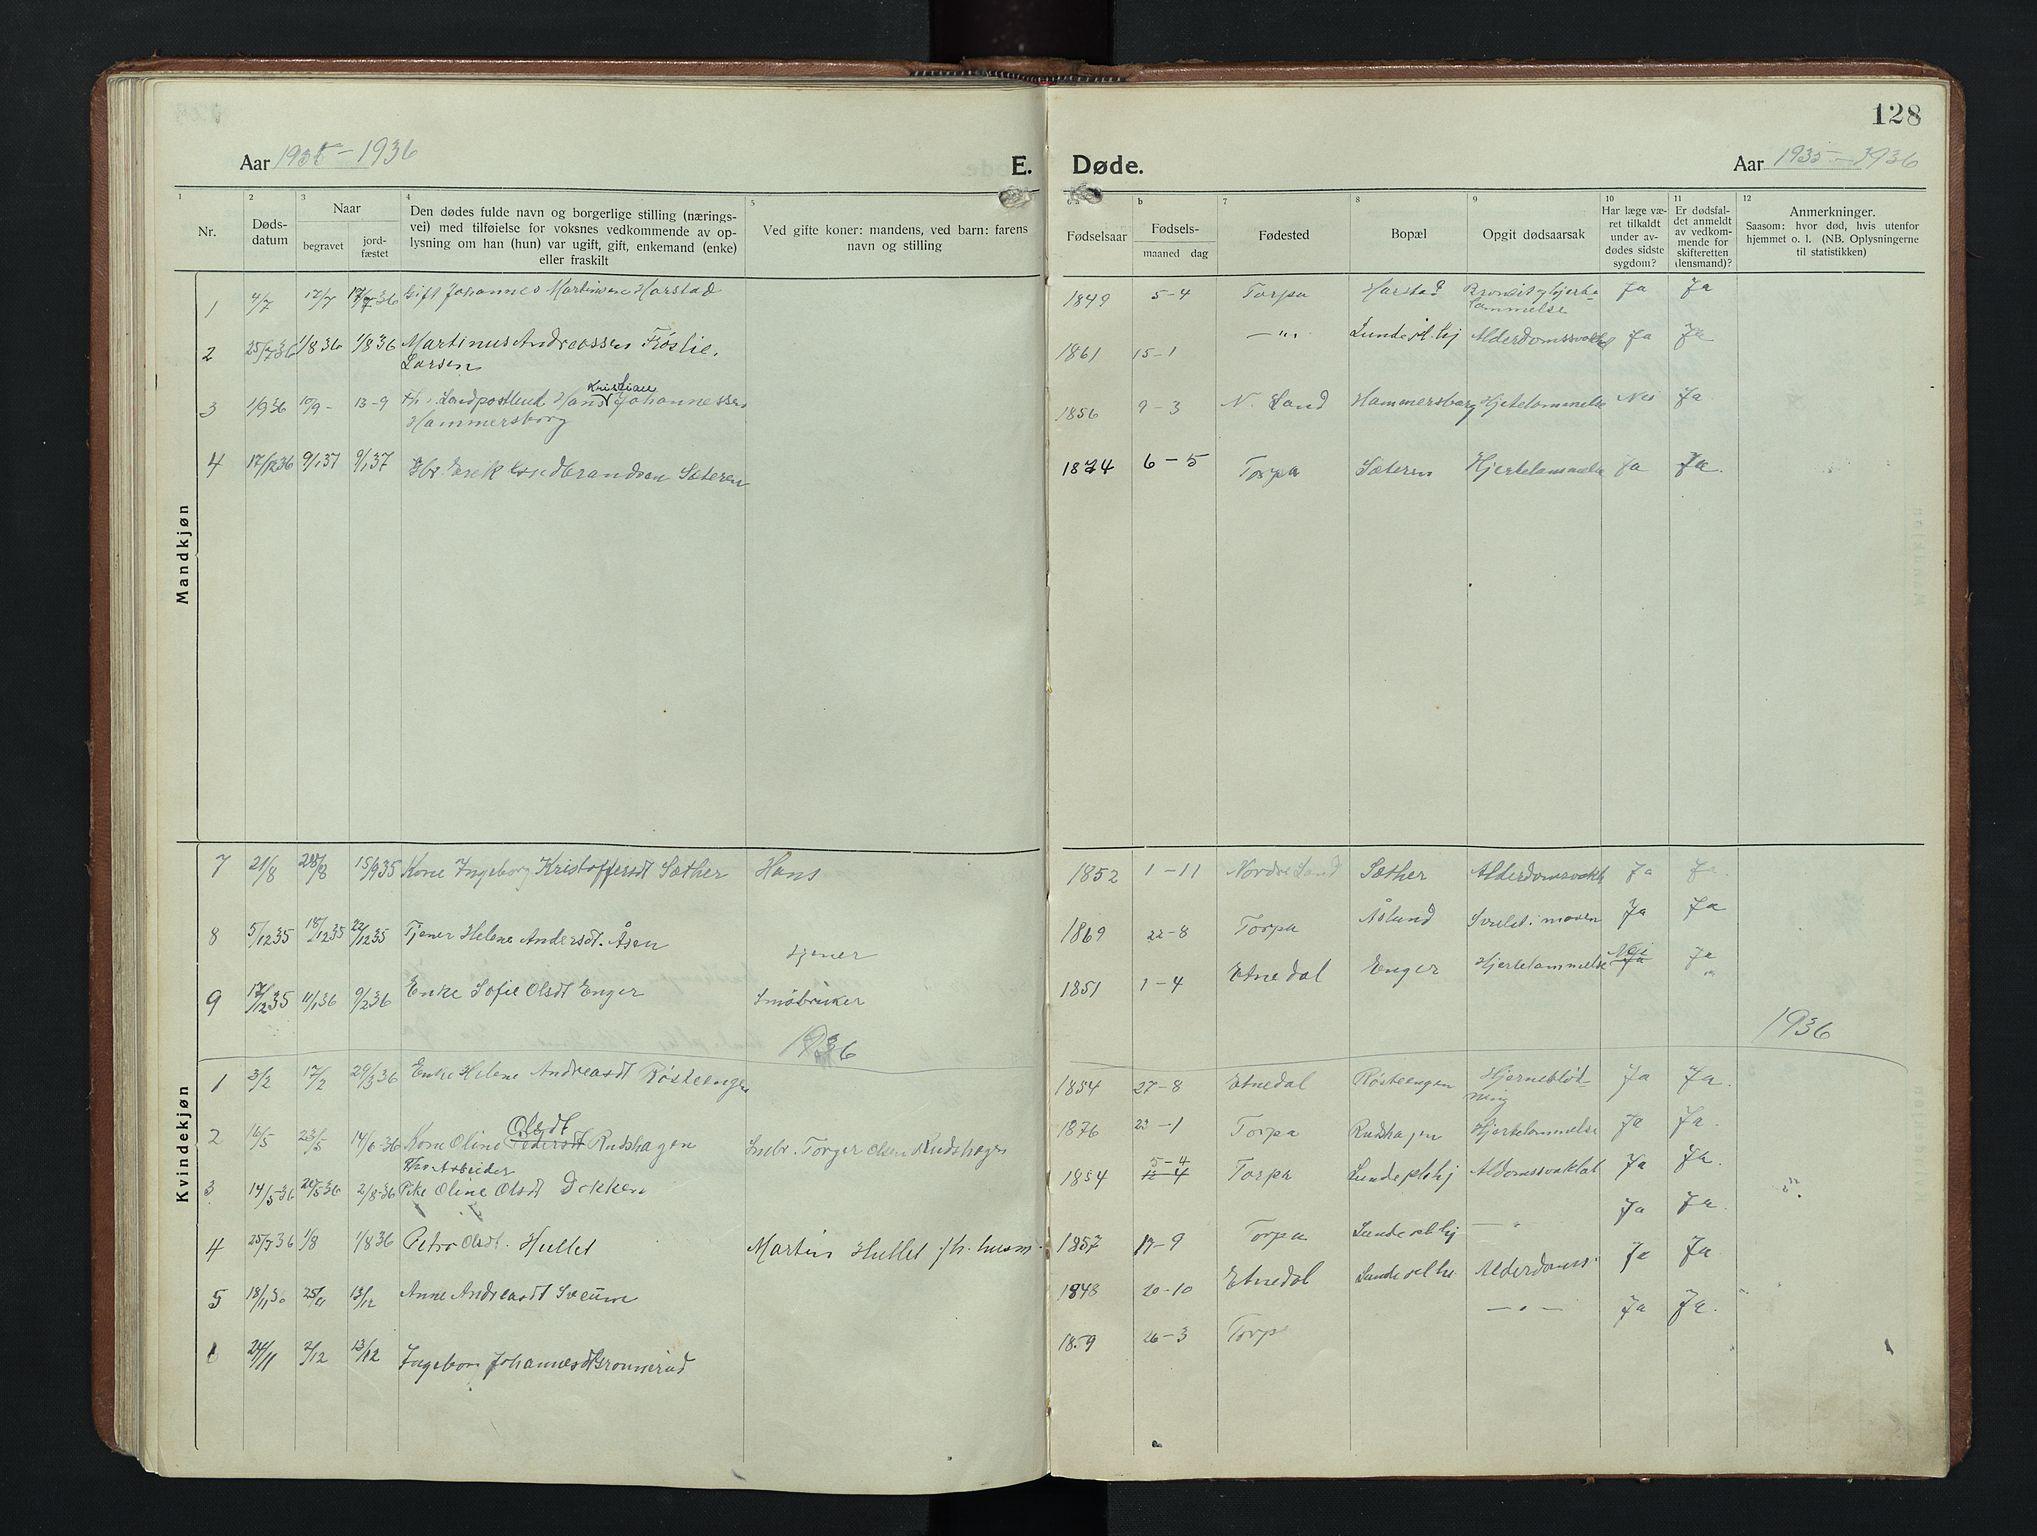 SAH, Nordre Land prestekontor, Klokkerbok nr. 9, 1921-1956, s. 128